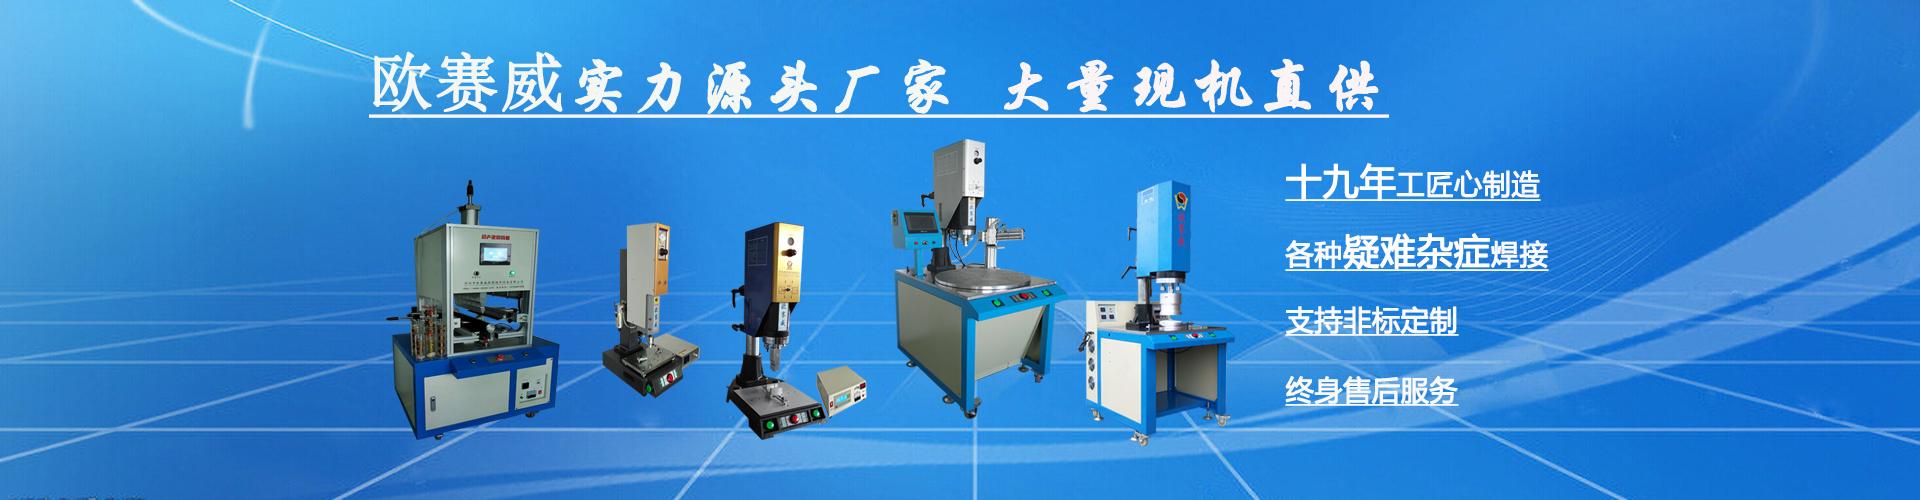 超声波焊机